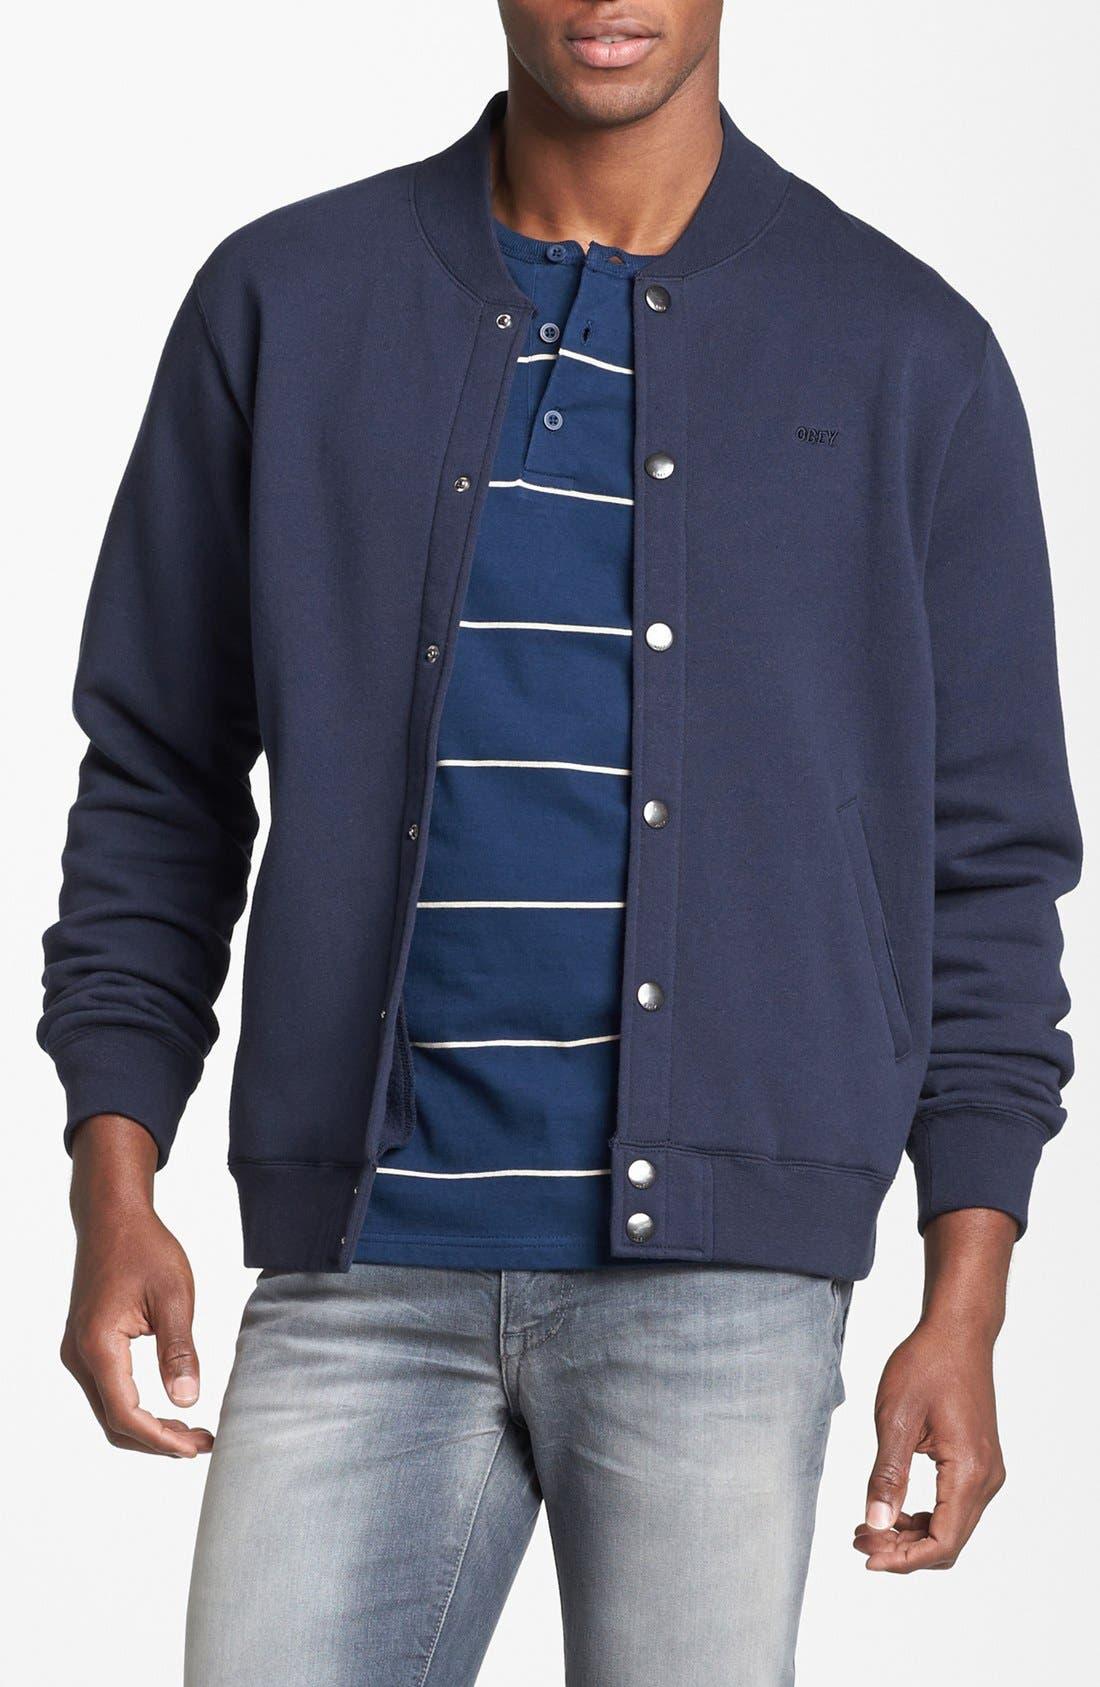 Alternate Image 1 Selected - Obey 'Back Lot' Jersey Varsity Jacket